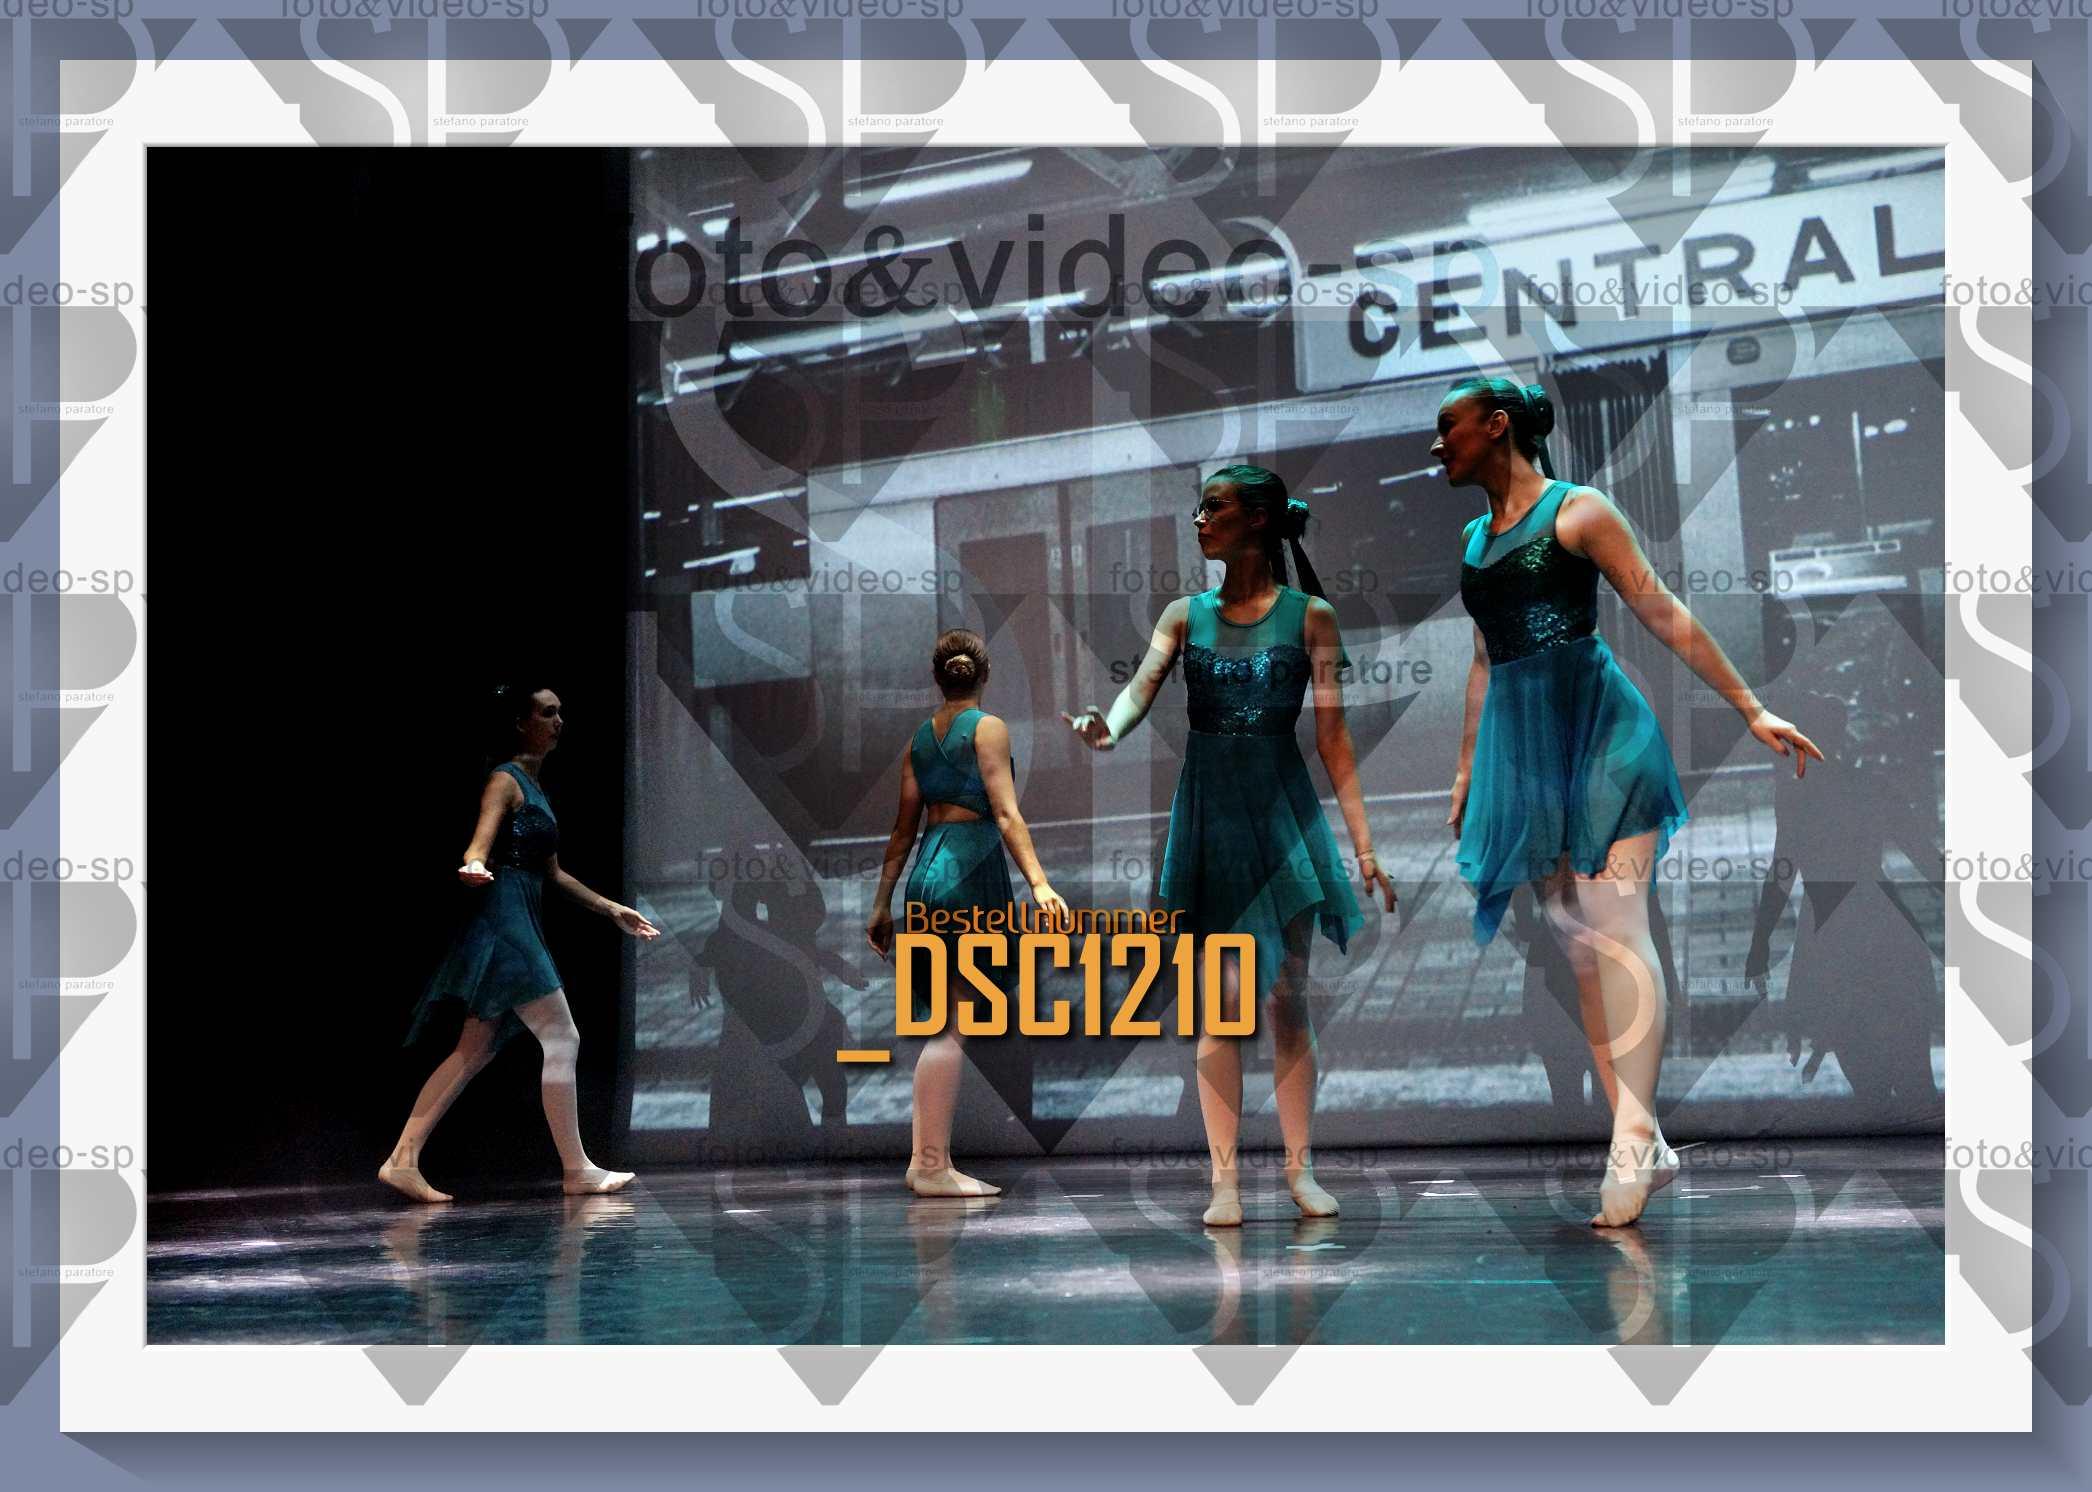 DSC1210